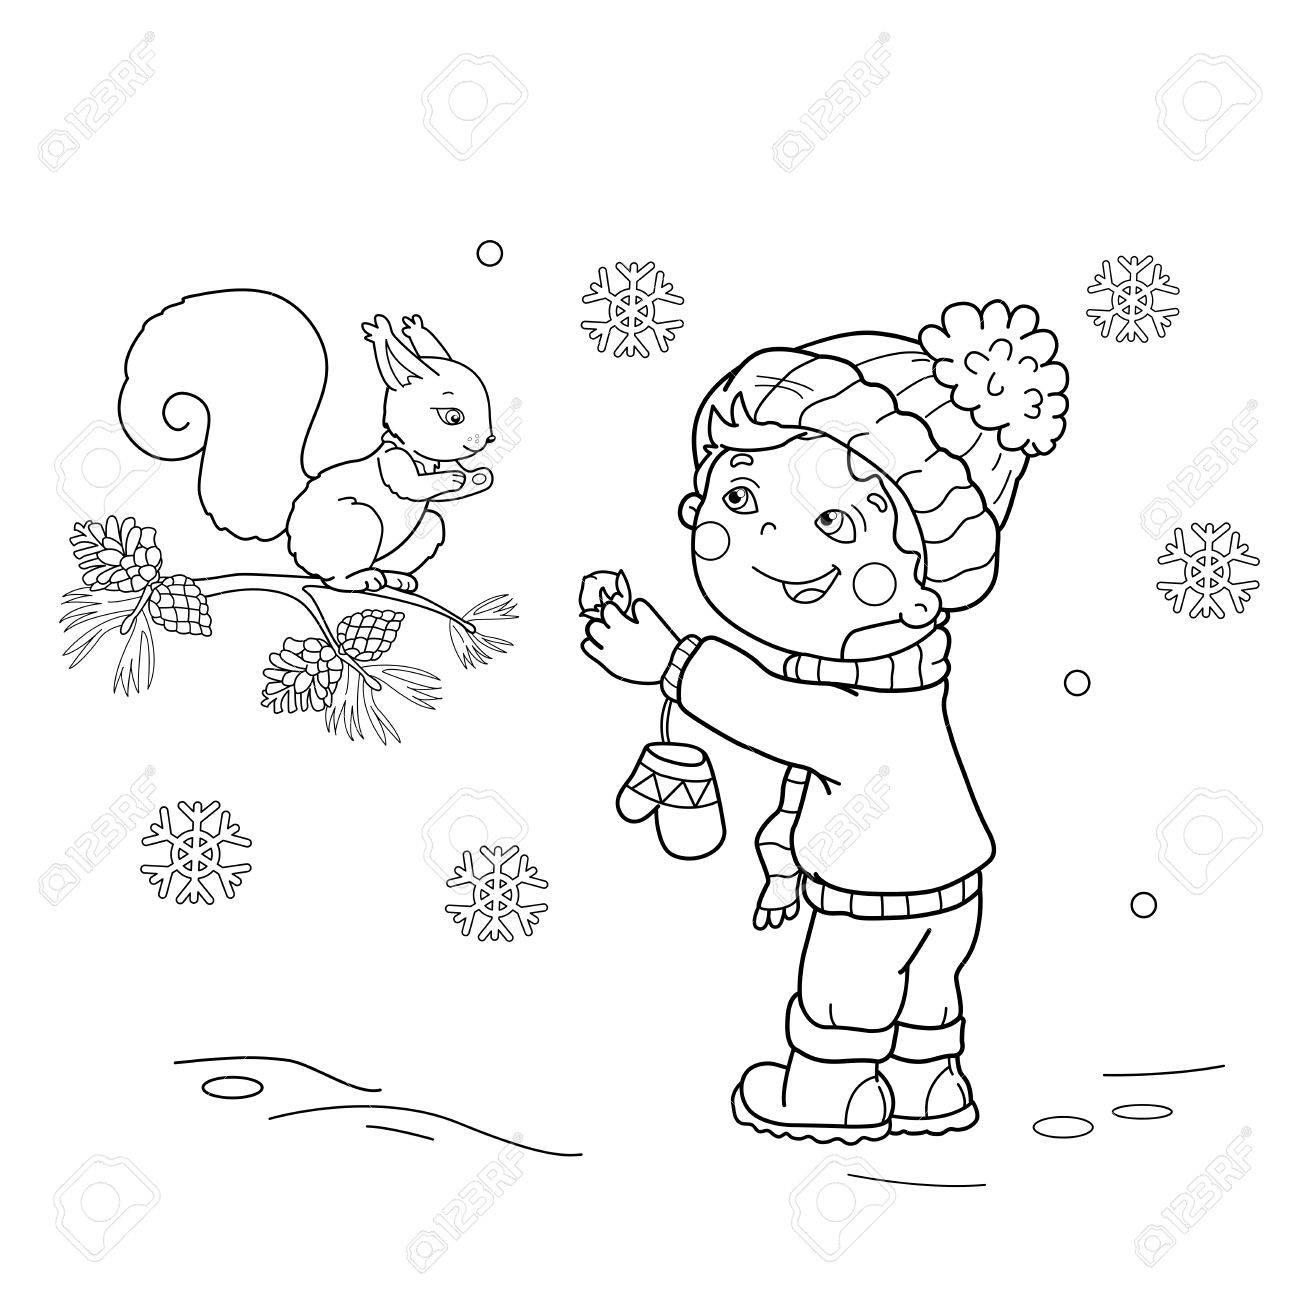 Página Para Colorear Esquema Del Niño De Dibujos Animados Alimentar ...